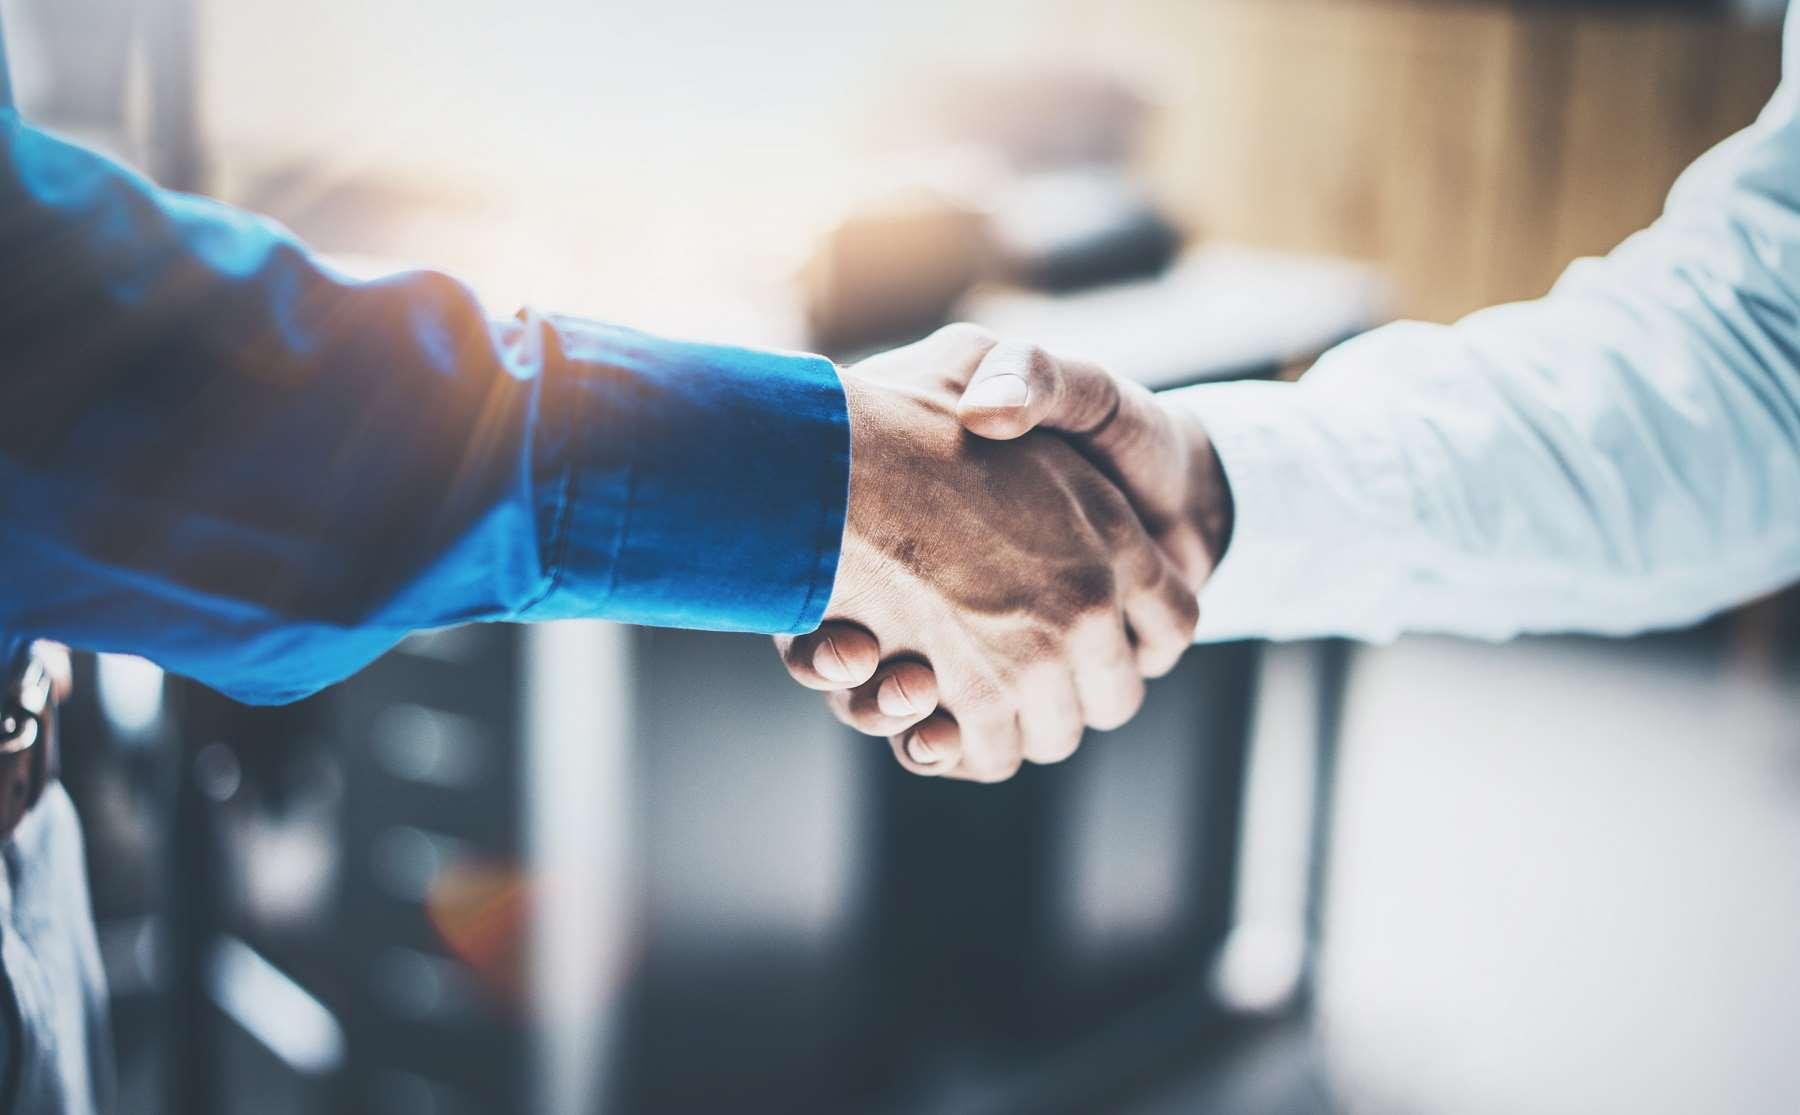 Umowa na okres próbny – kompendium wiedzy